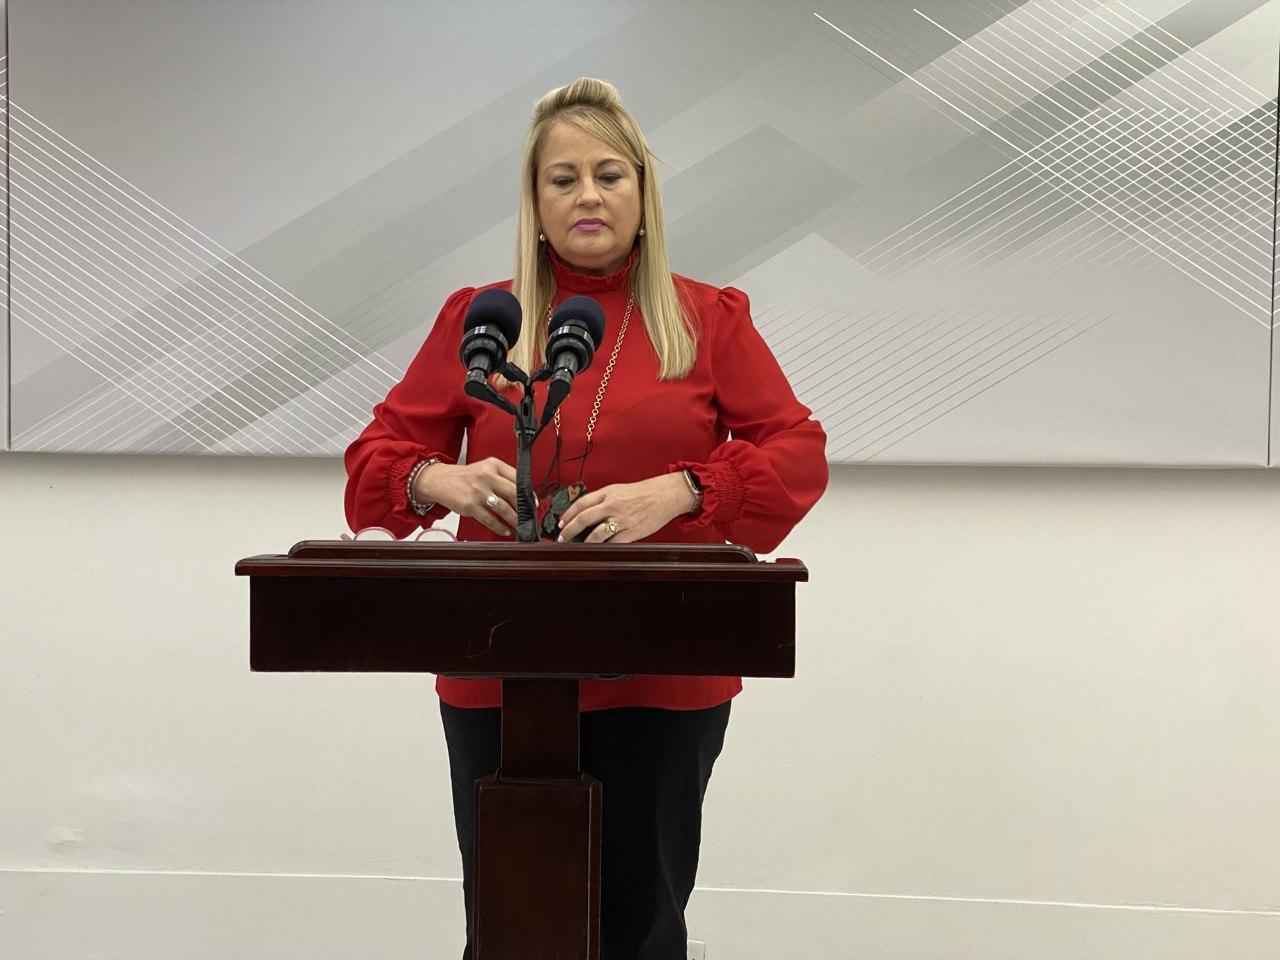 Gobernadora Wanda Vázquez Garced anuncia expansión de operaciones de Fresenius Kabi en Puerto Rico